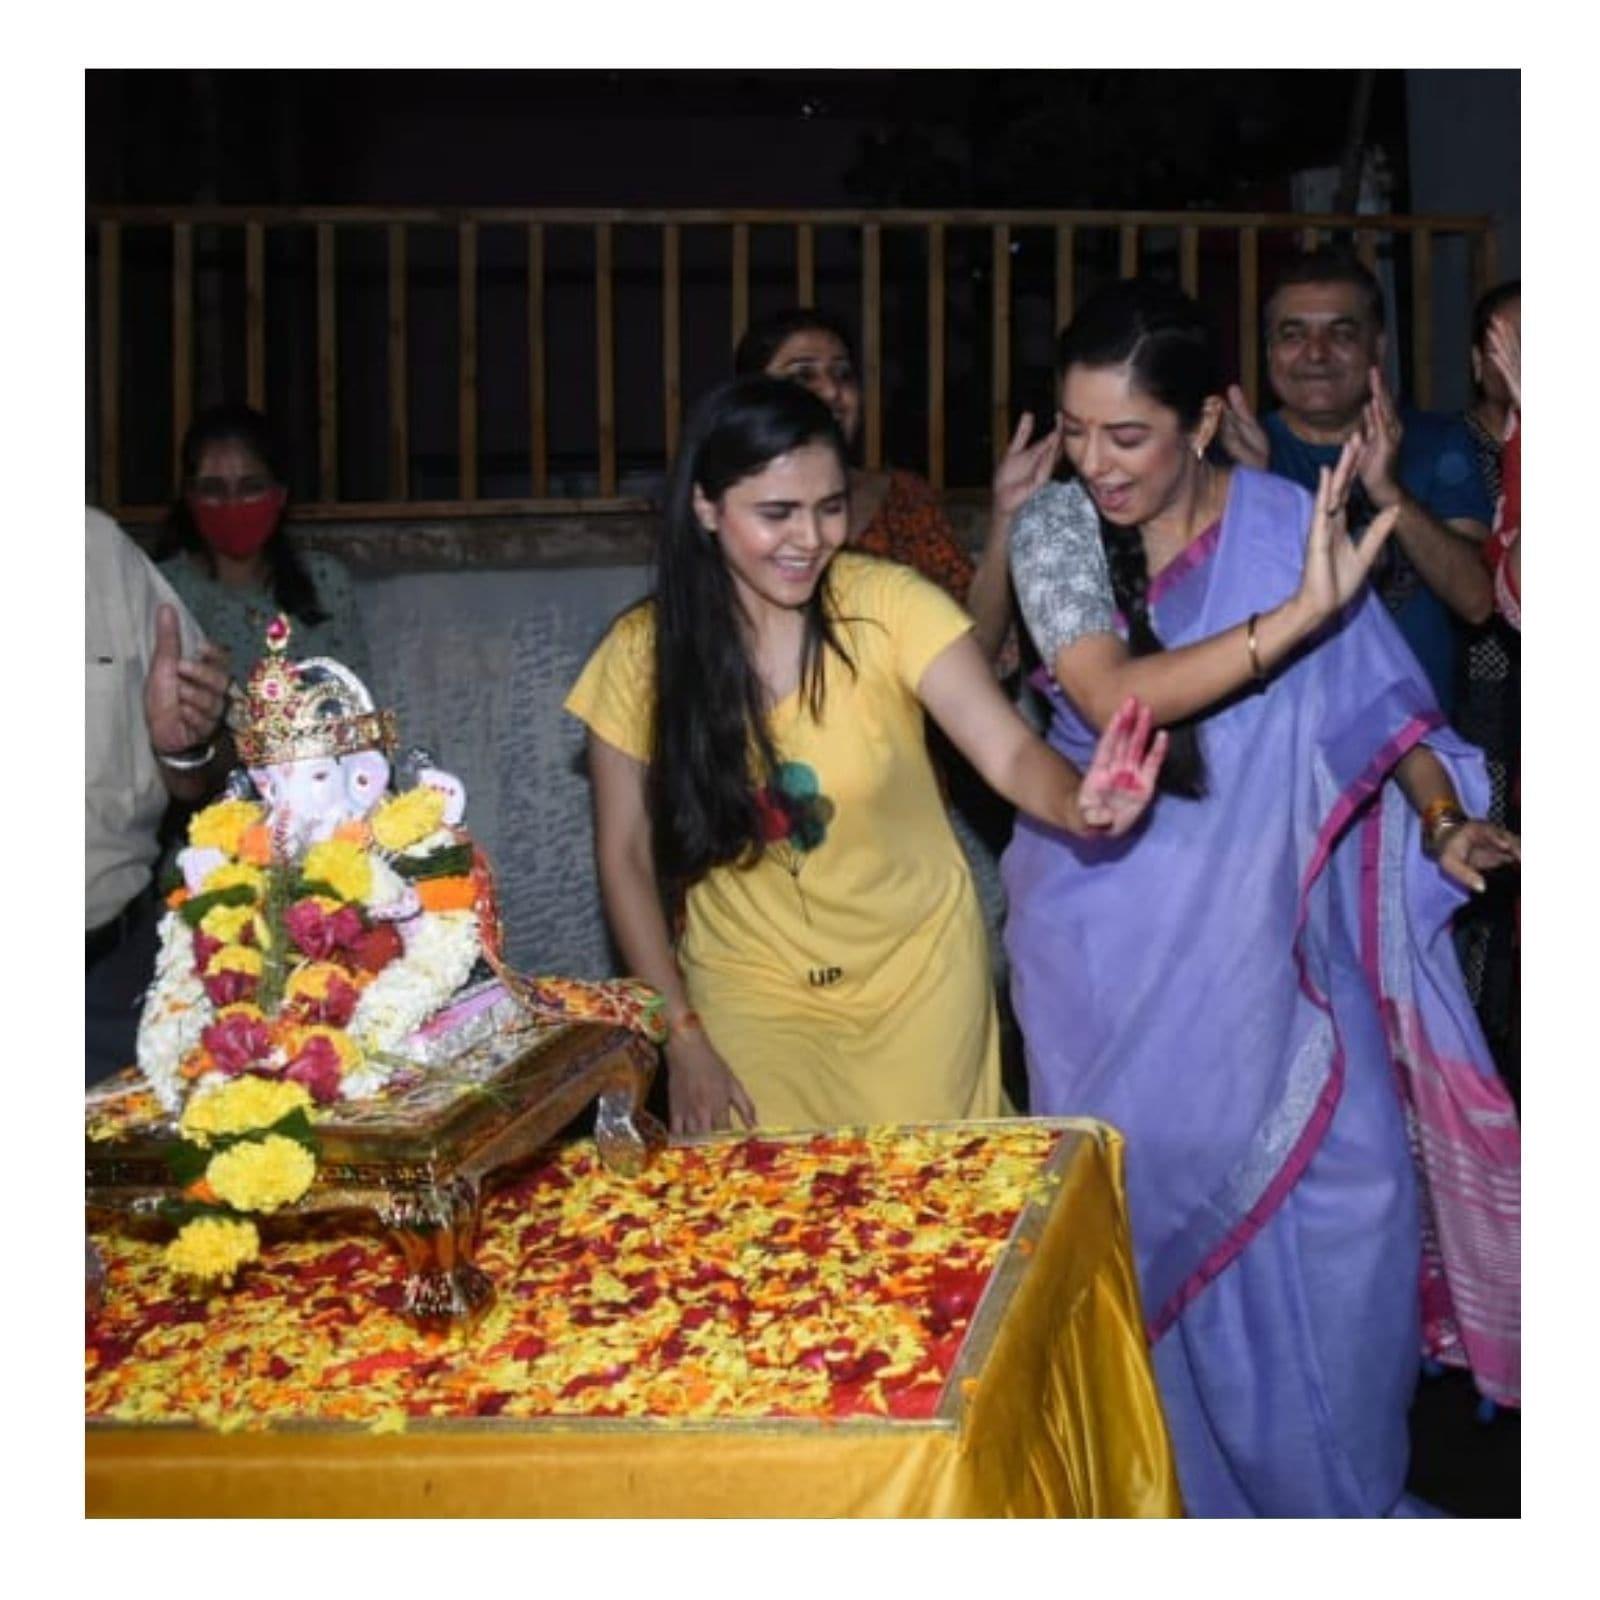 मुंबईः गणेश चतुर्थी (Ganesh Chaturthi) का त्योहार पूरे देश में पूरे उल्लास के साथ मनाया गया. पूरा देश गणेश पंडाल से सजा रहा. पॉपुलर टीवी सीरियल अनुपमा (Anupamaa) के सेट पर भी गणपति की प्रतिमा स्थापित की गई थी. 10 दिनों तक धूमधाम से गणपति उत्सव मनाने के बाद अब रविवार को बप्पा का विसर्जन किया गया. अनुपमा के सेट से भी अब बप्पा की विदाई हो गई है. जिसकी कुछ तस्वीरें भी सामने आई हैं. (फोटो साभारः Viral Bhayani)